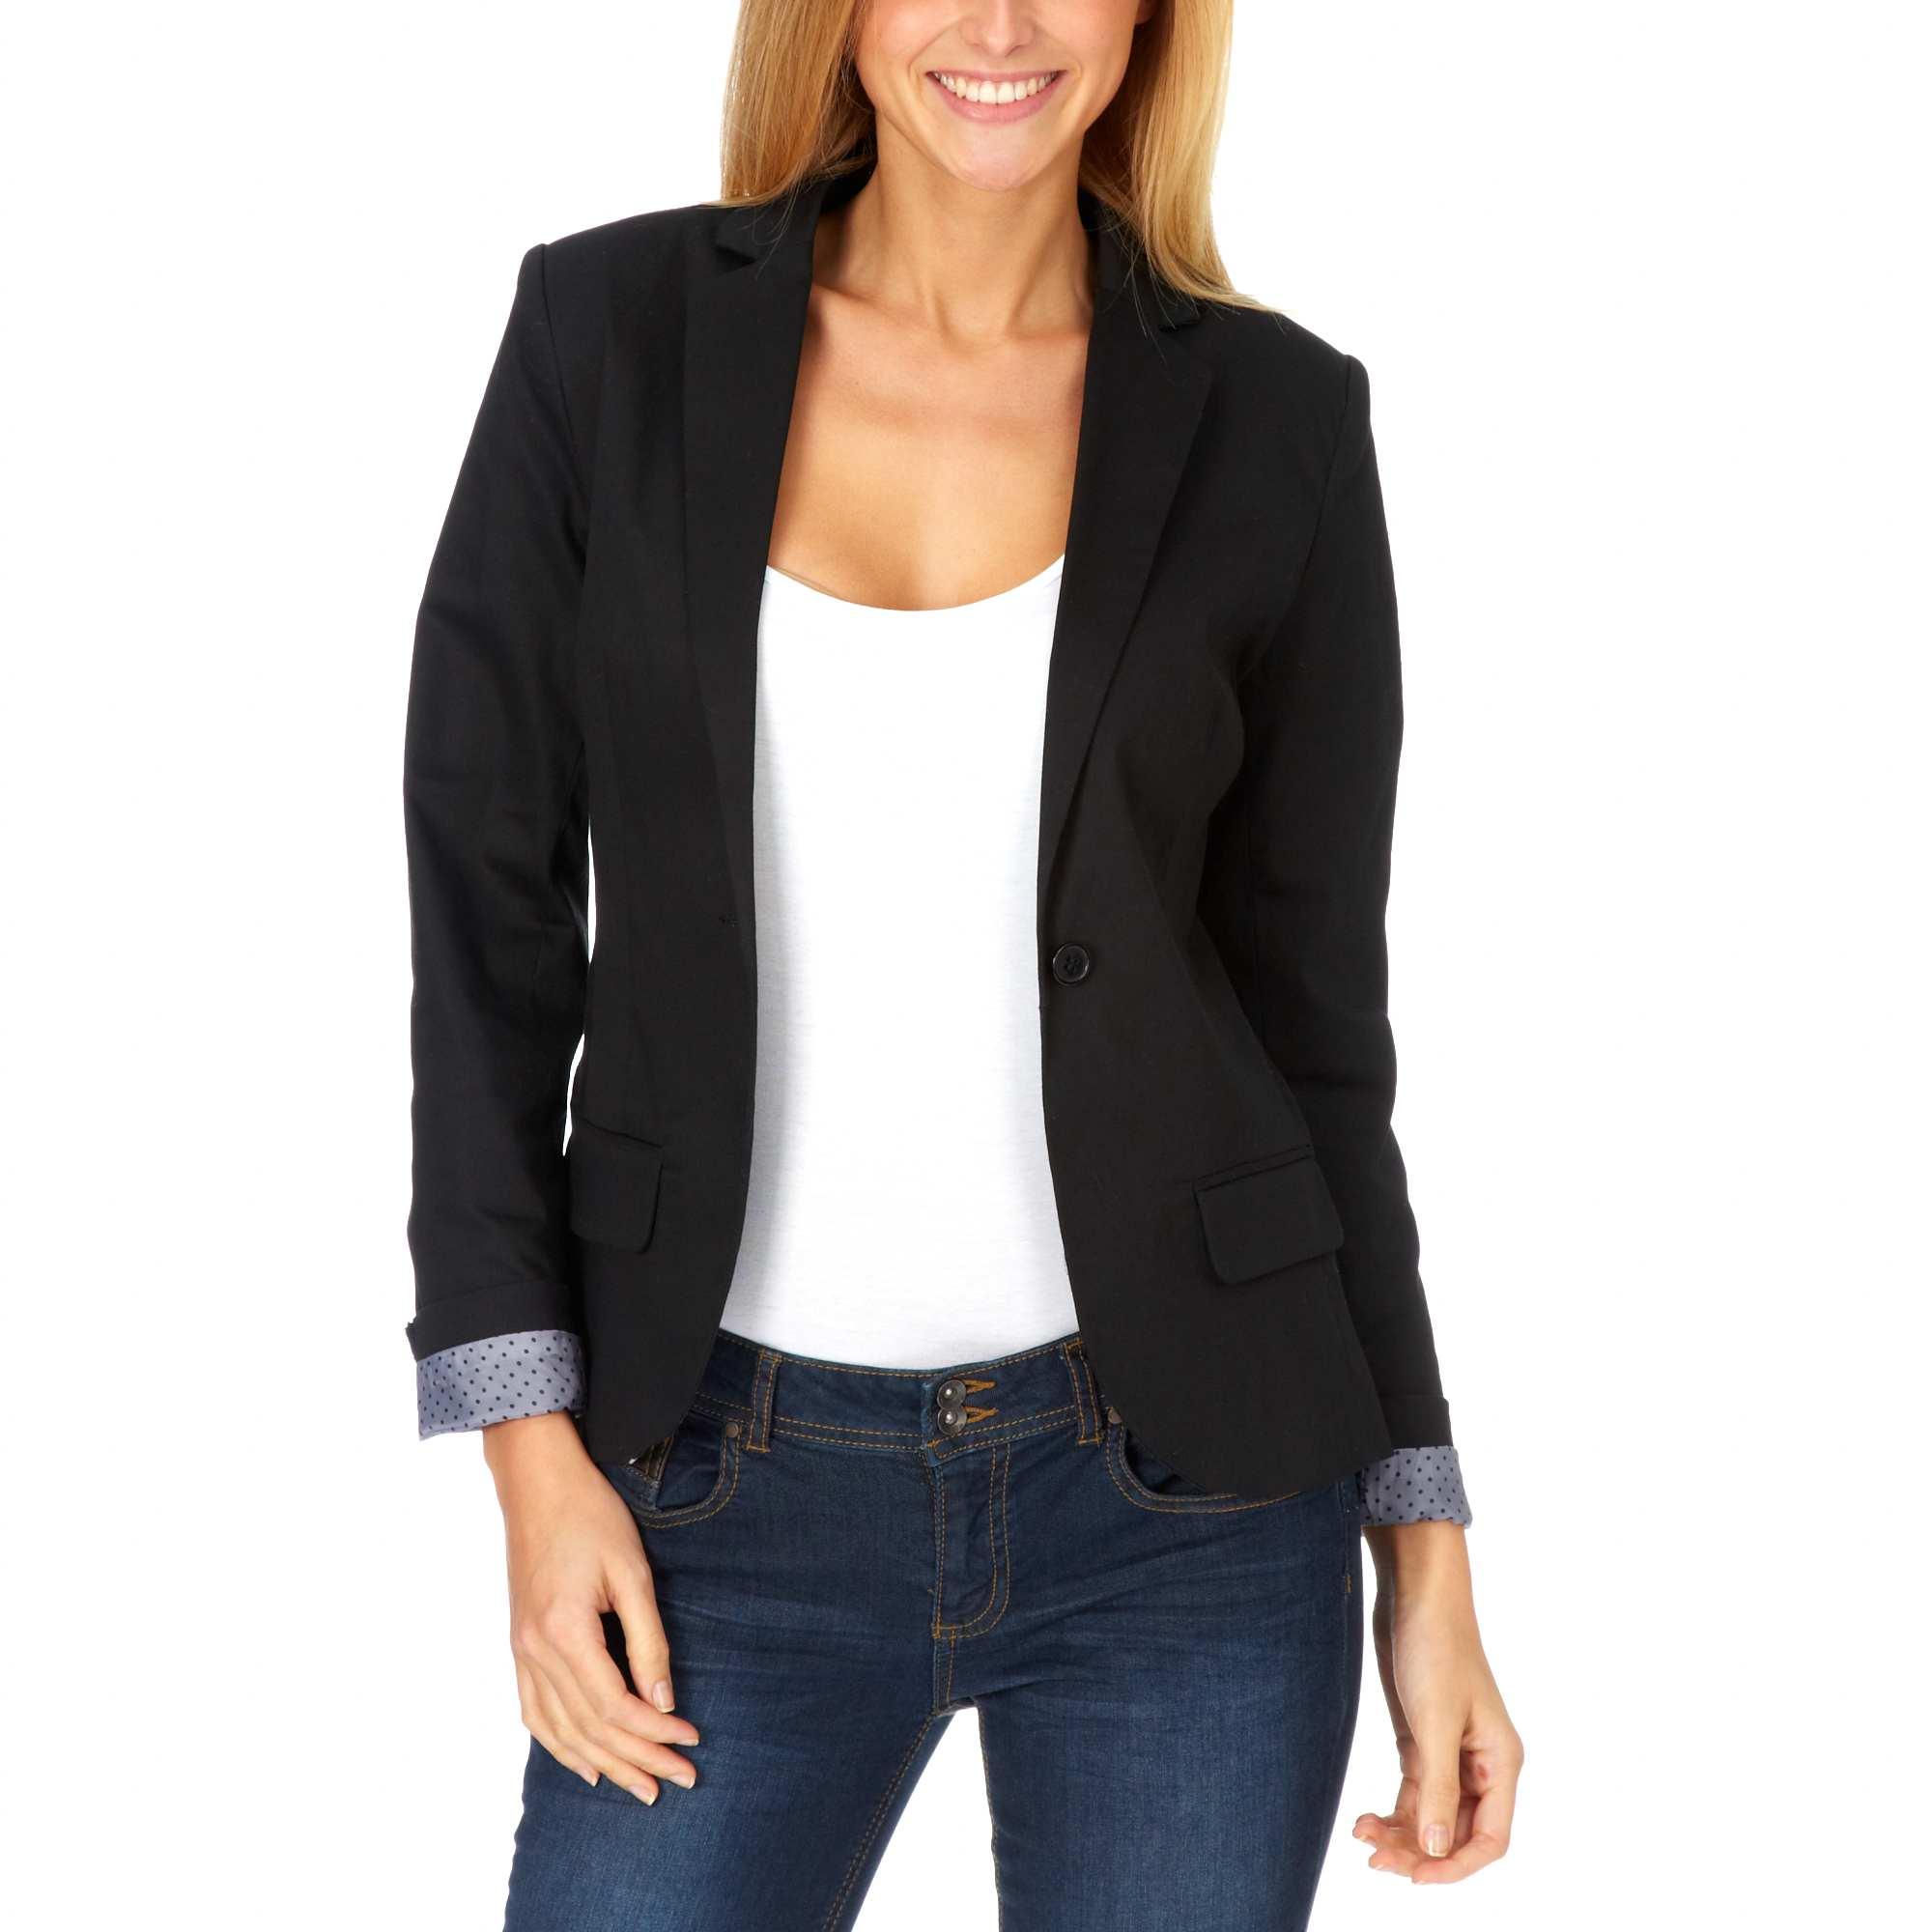 nouveaux styles f2778 28812 Comment porter un blazer noir femme - fermeleycaut.fr